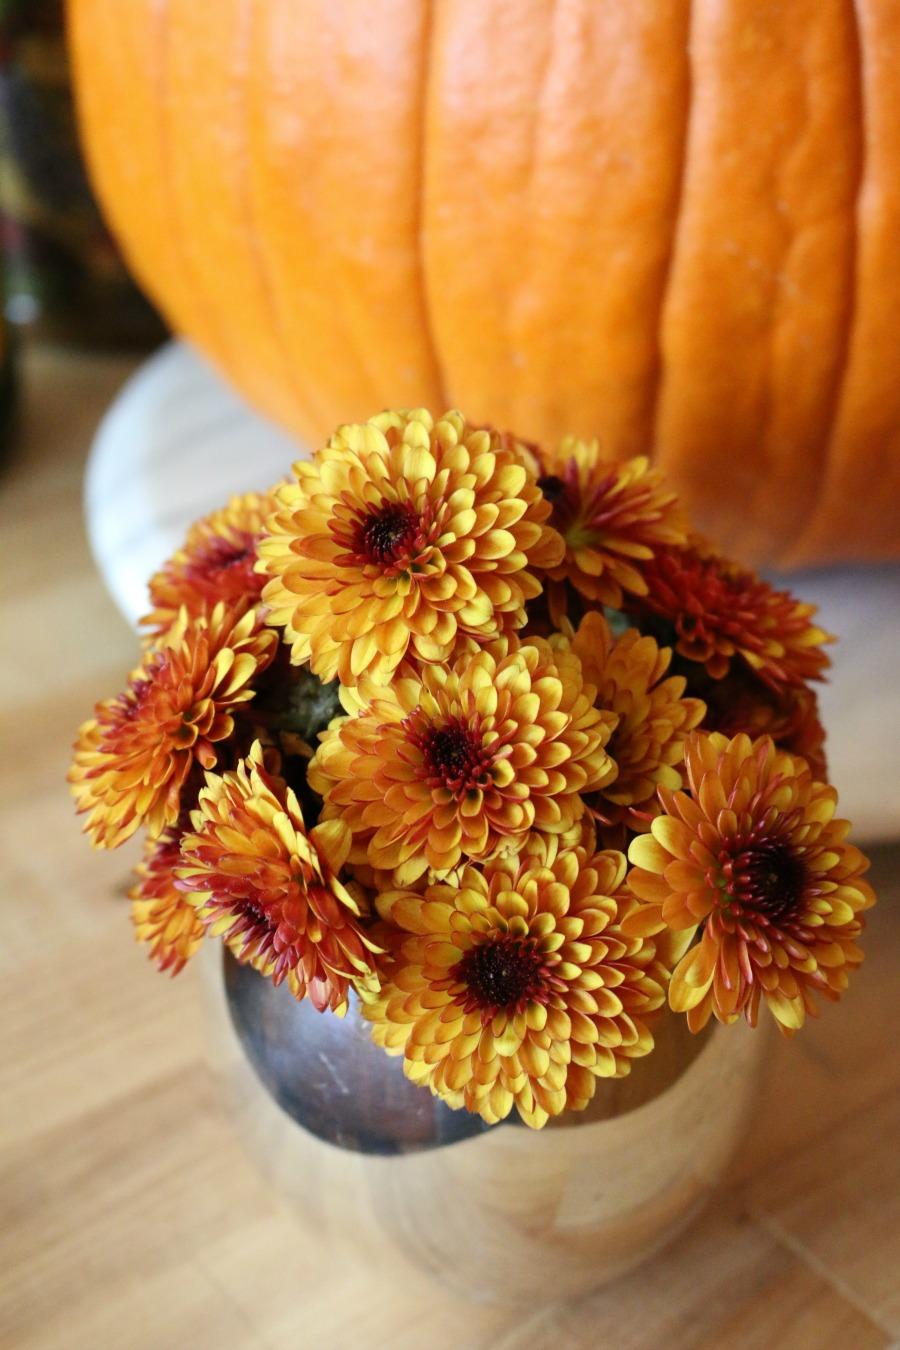 I love fall mums. And yes I already bought a pumpkin! I love fall.